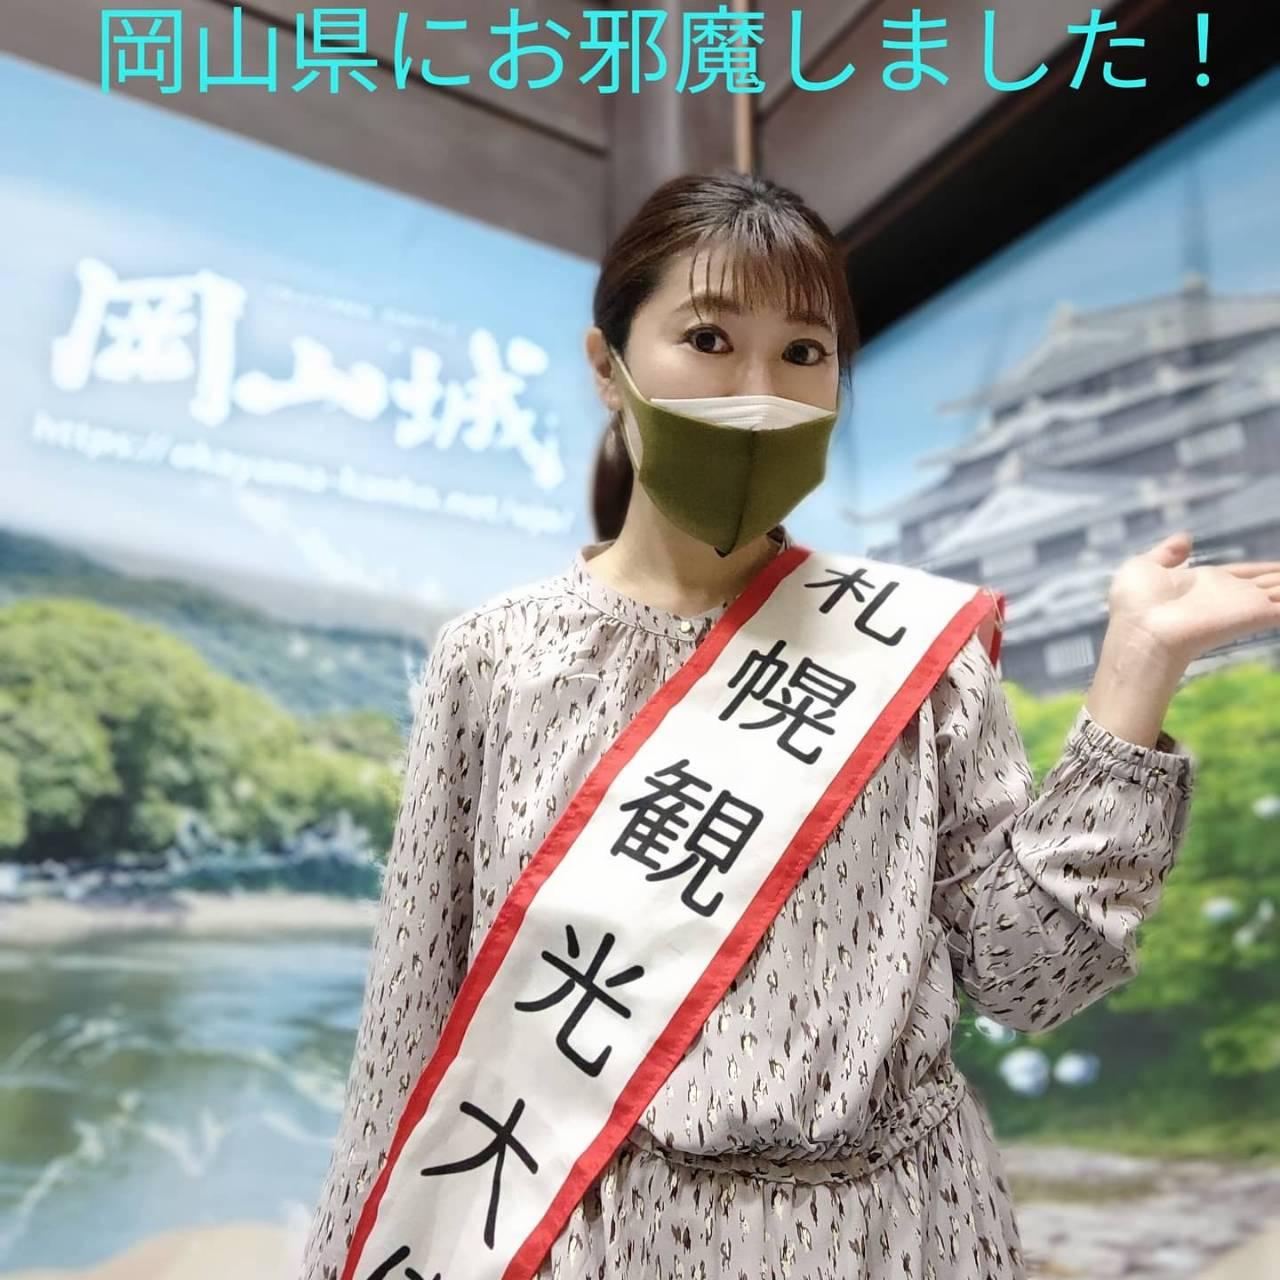 札幌観光大使として岡山へ!